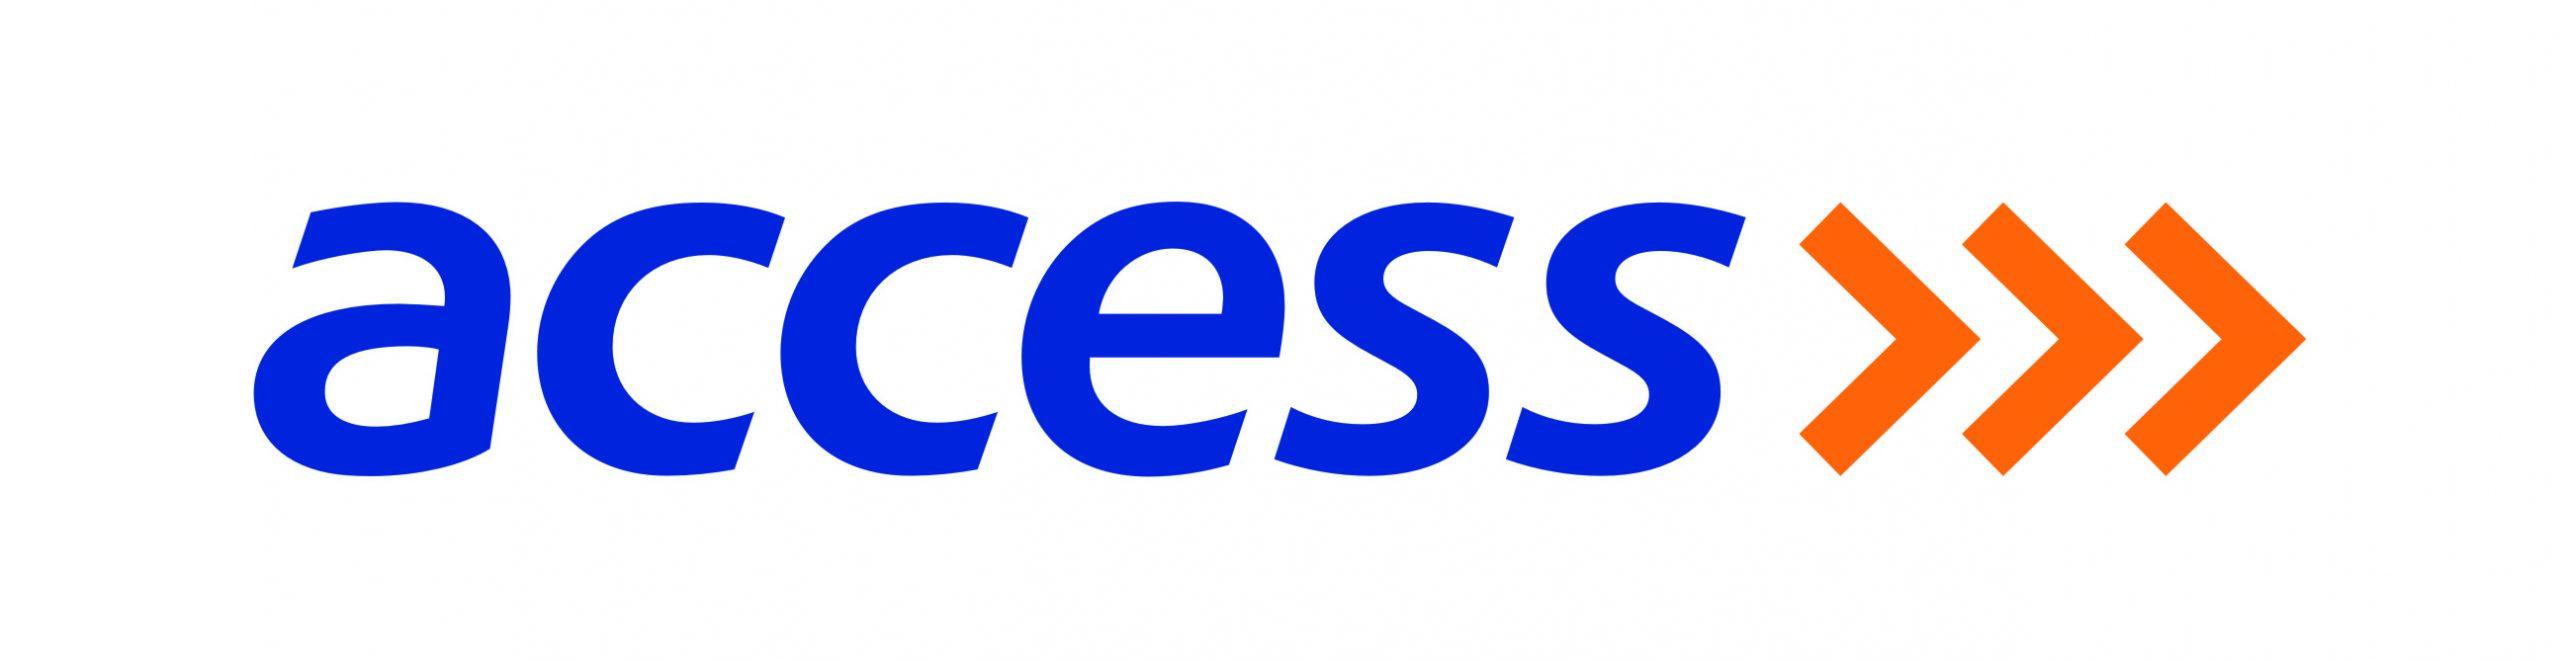 Zugang Bank Plc